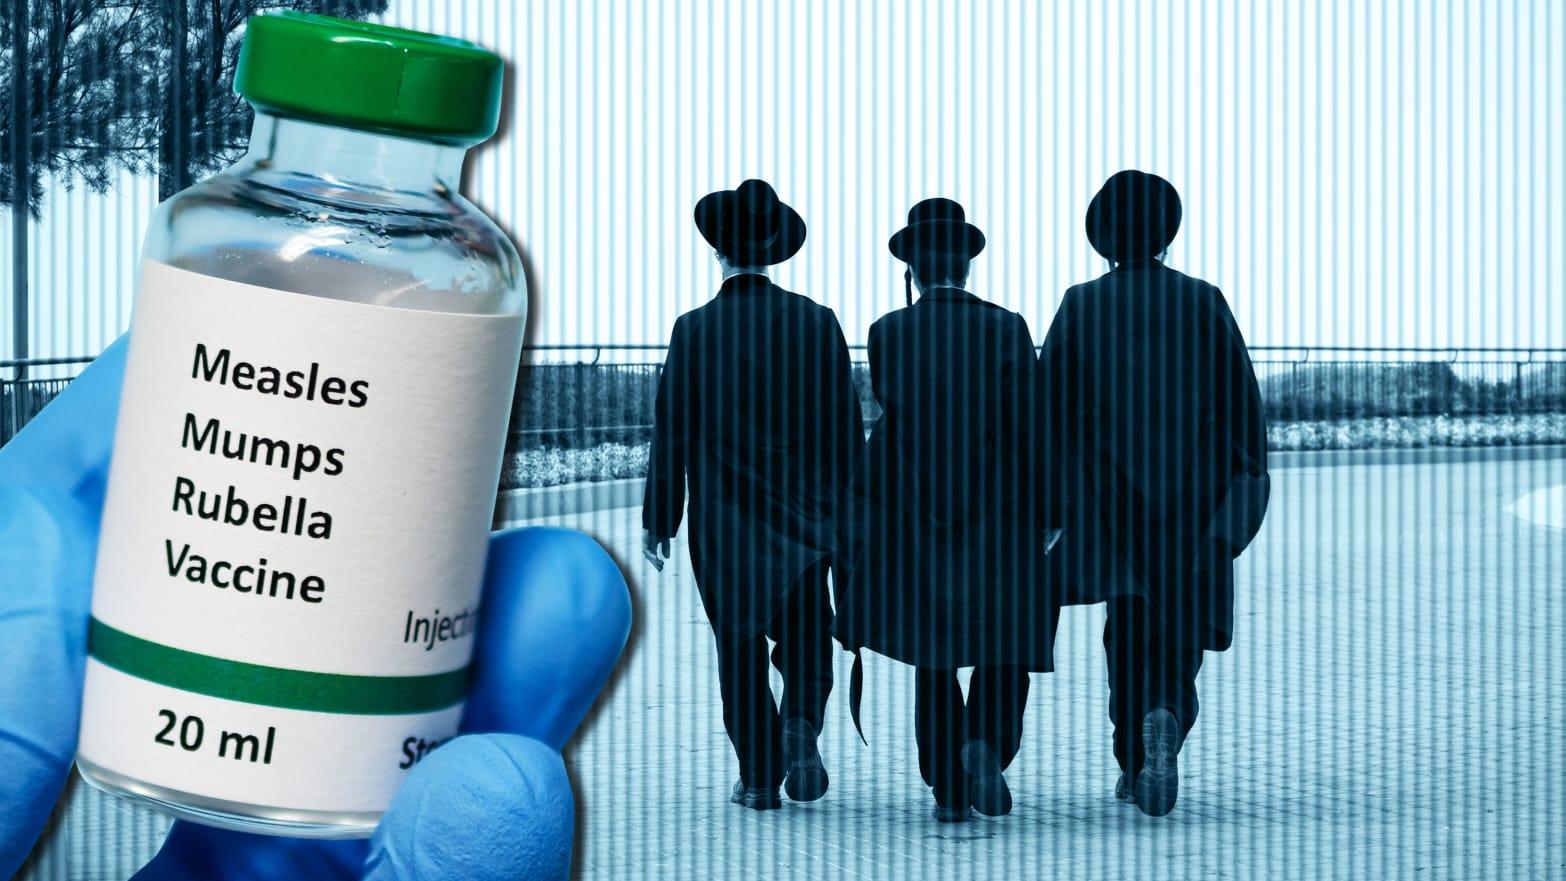 De ce mulți evrei ultraortodocși refuză vaccinarea? - OrtodoxINFO